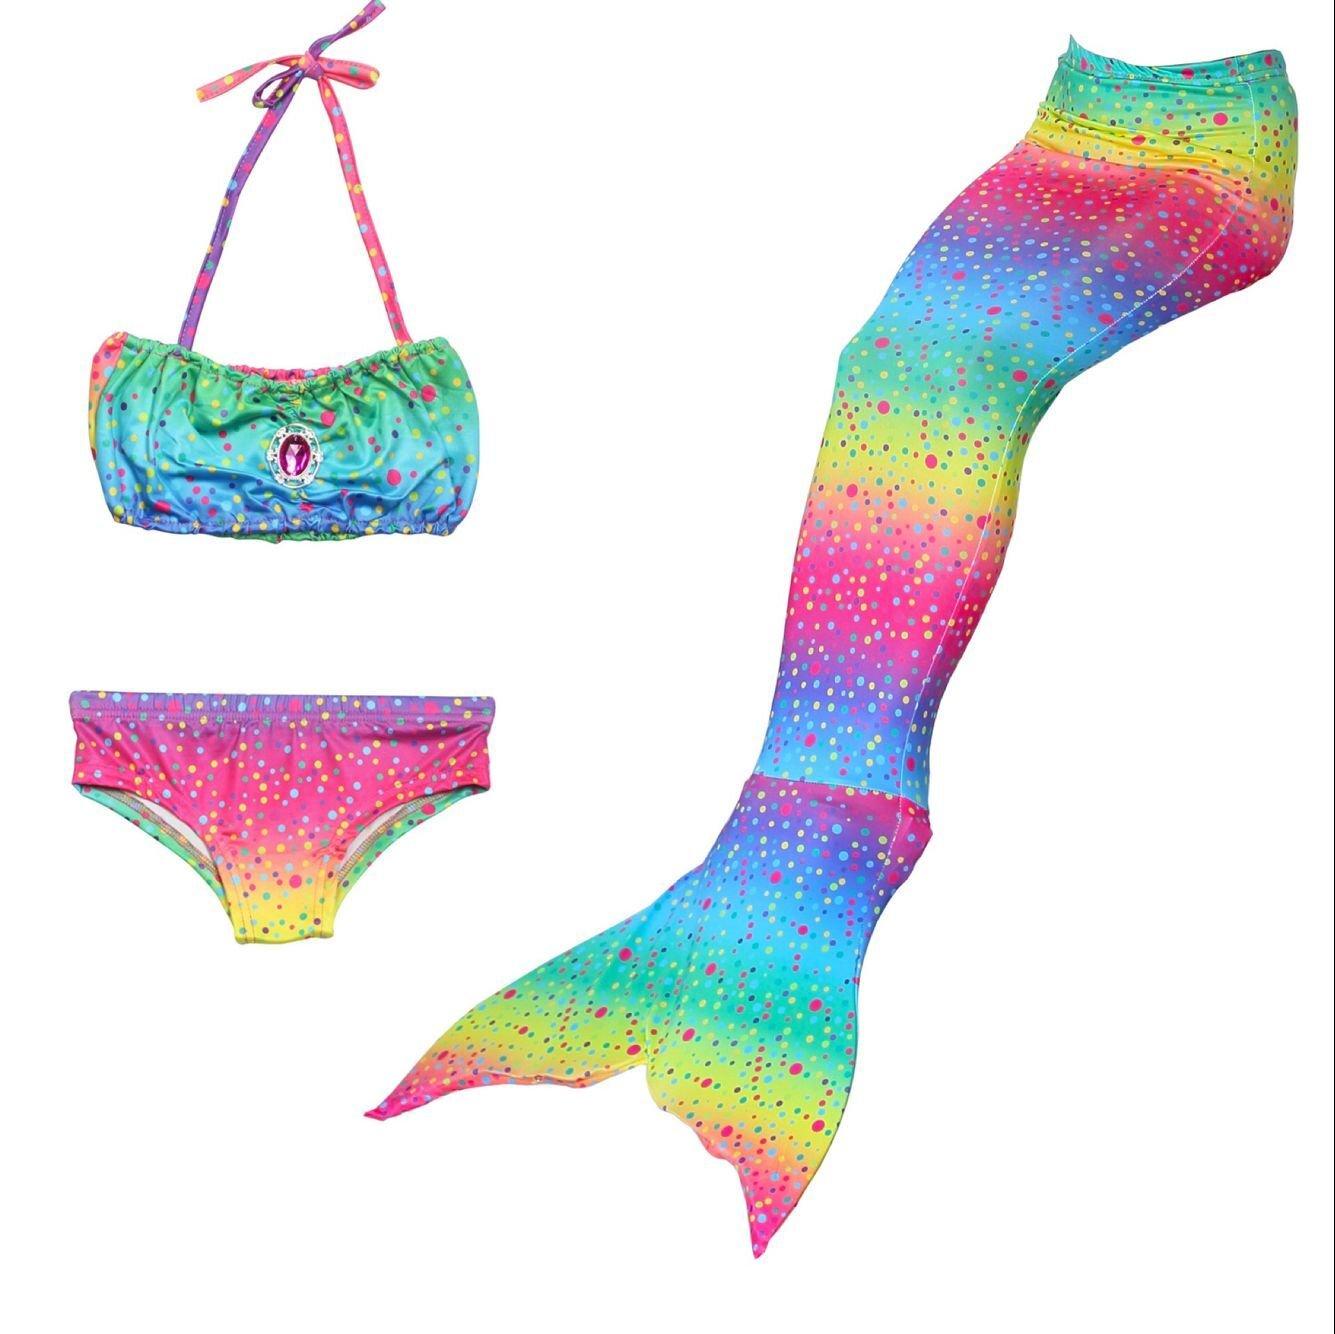 thematys Meerjungfrau Badeanzug zum Schwimmen - Kostüm-Set für Kinder - Ideal zum Schwimmen und Tauchen - Mädchen Mermaid Tail Bikini Badeanzug